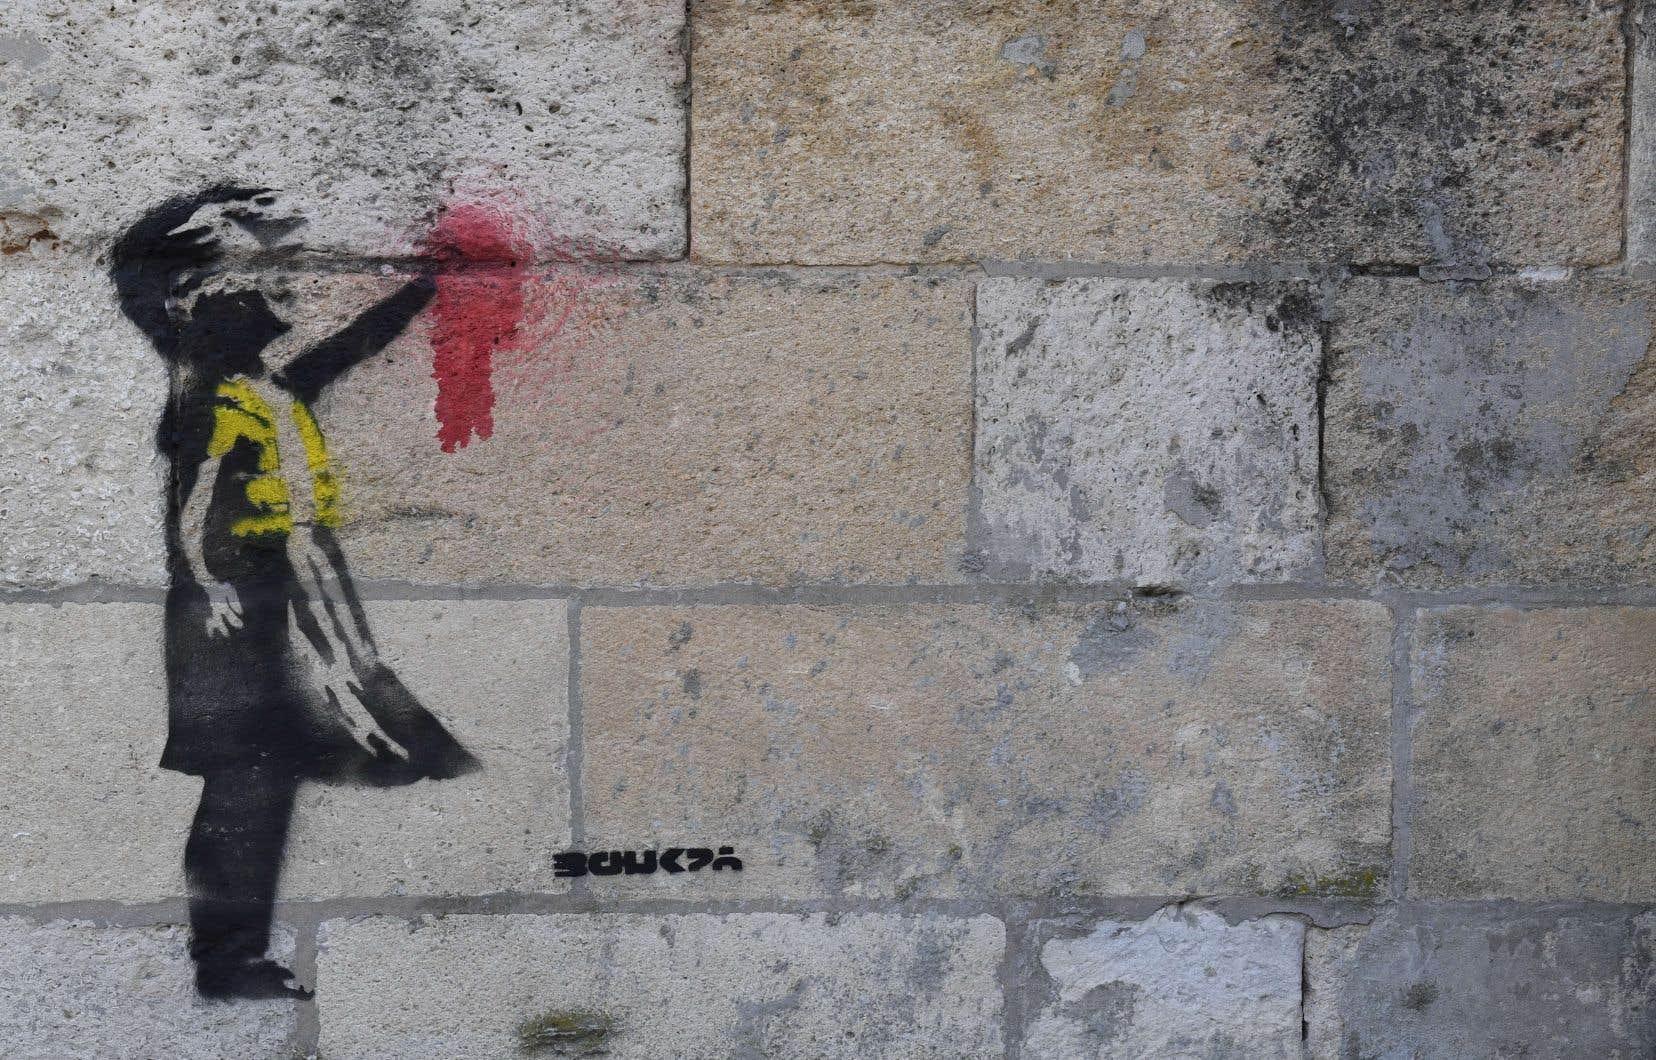 Même si de lourds doutes planent sur son authenticité, cette oeuvre agite les réseaux sociaux qui veulent y voir un possible soutien de Banksy aux luttes des «gilets jaunes».